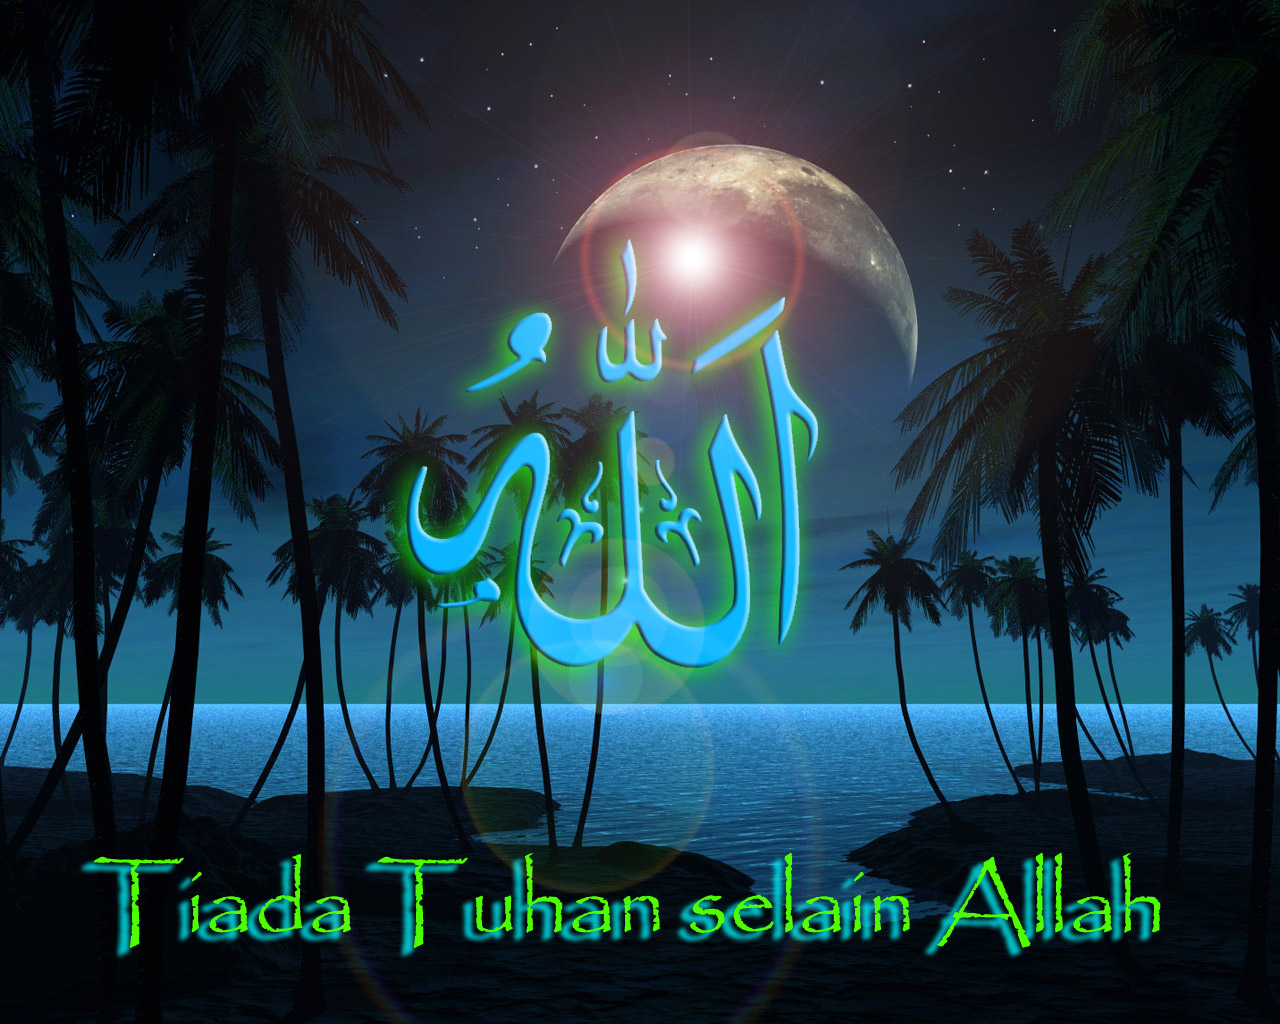 We Love Allah Wallpaper : I Love Allah I Love Rasulullah: April 2010 Wallpaper Islami, Kebesaran Allah, Kaligrafi Islami ...